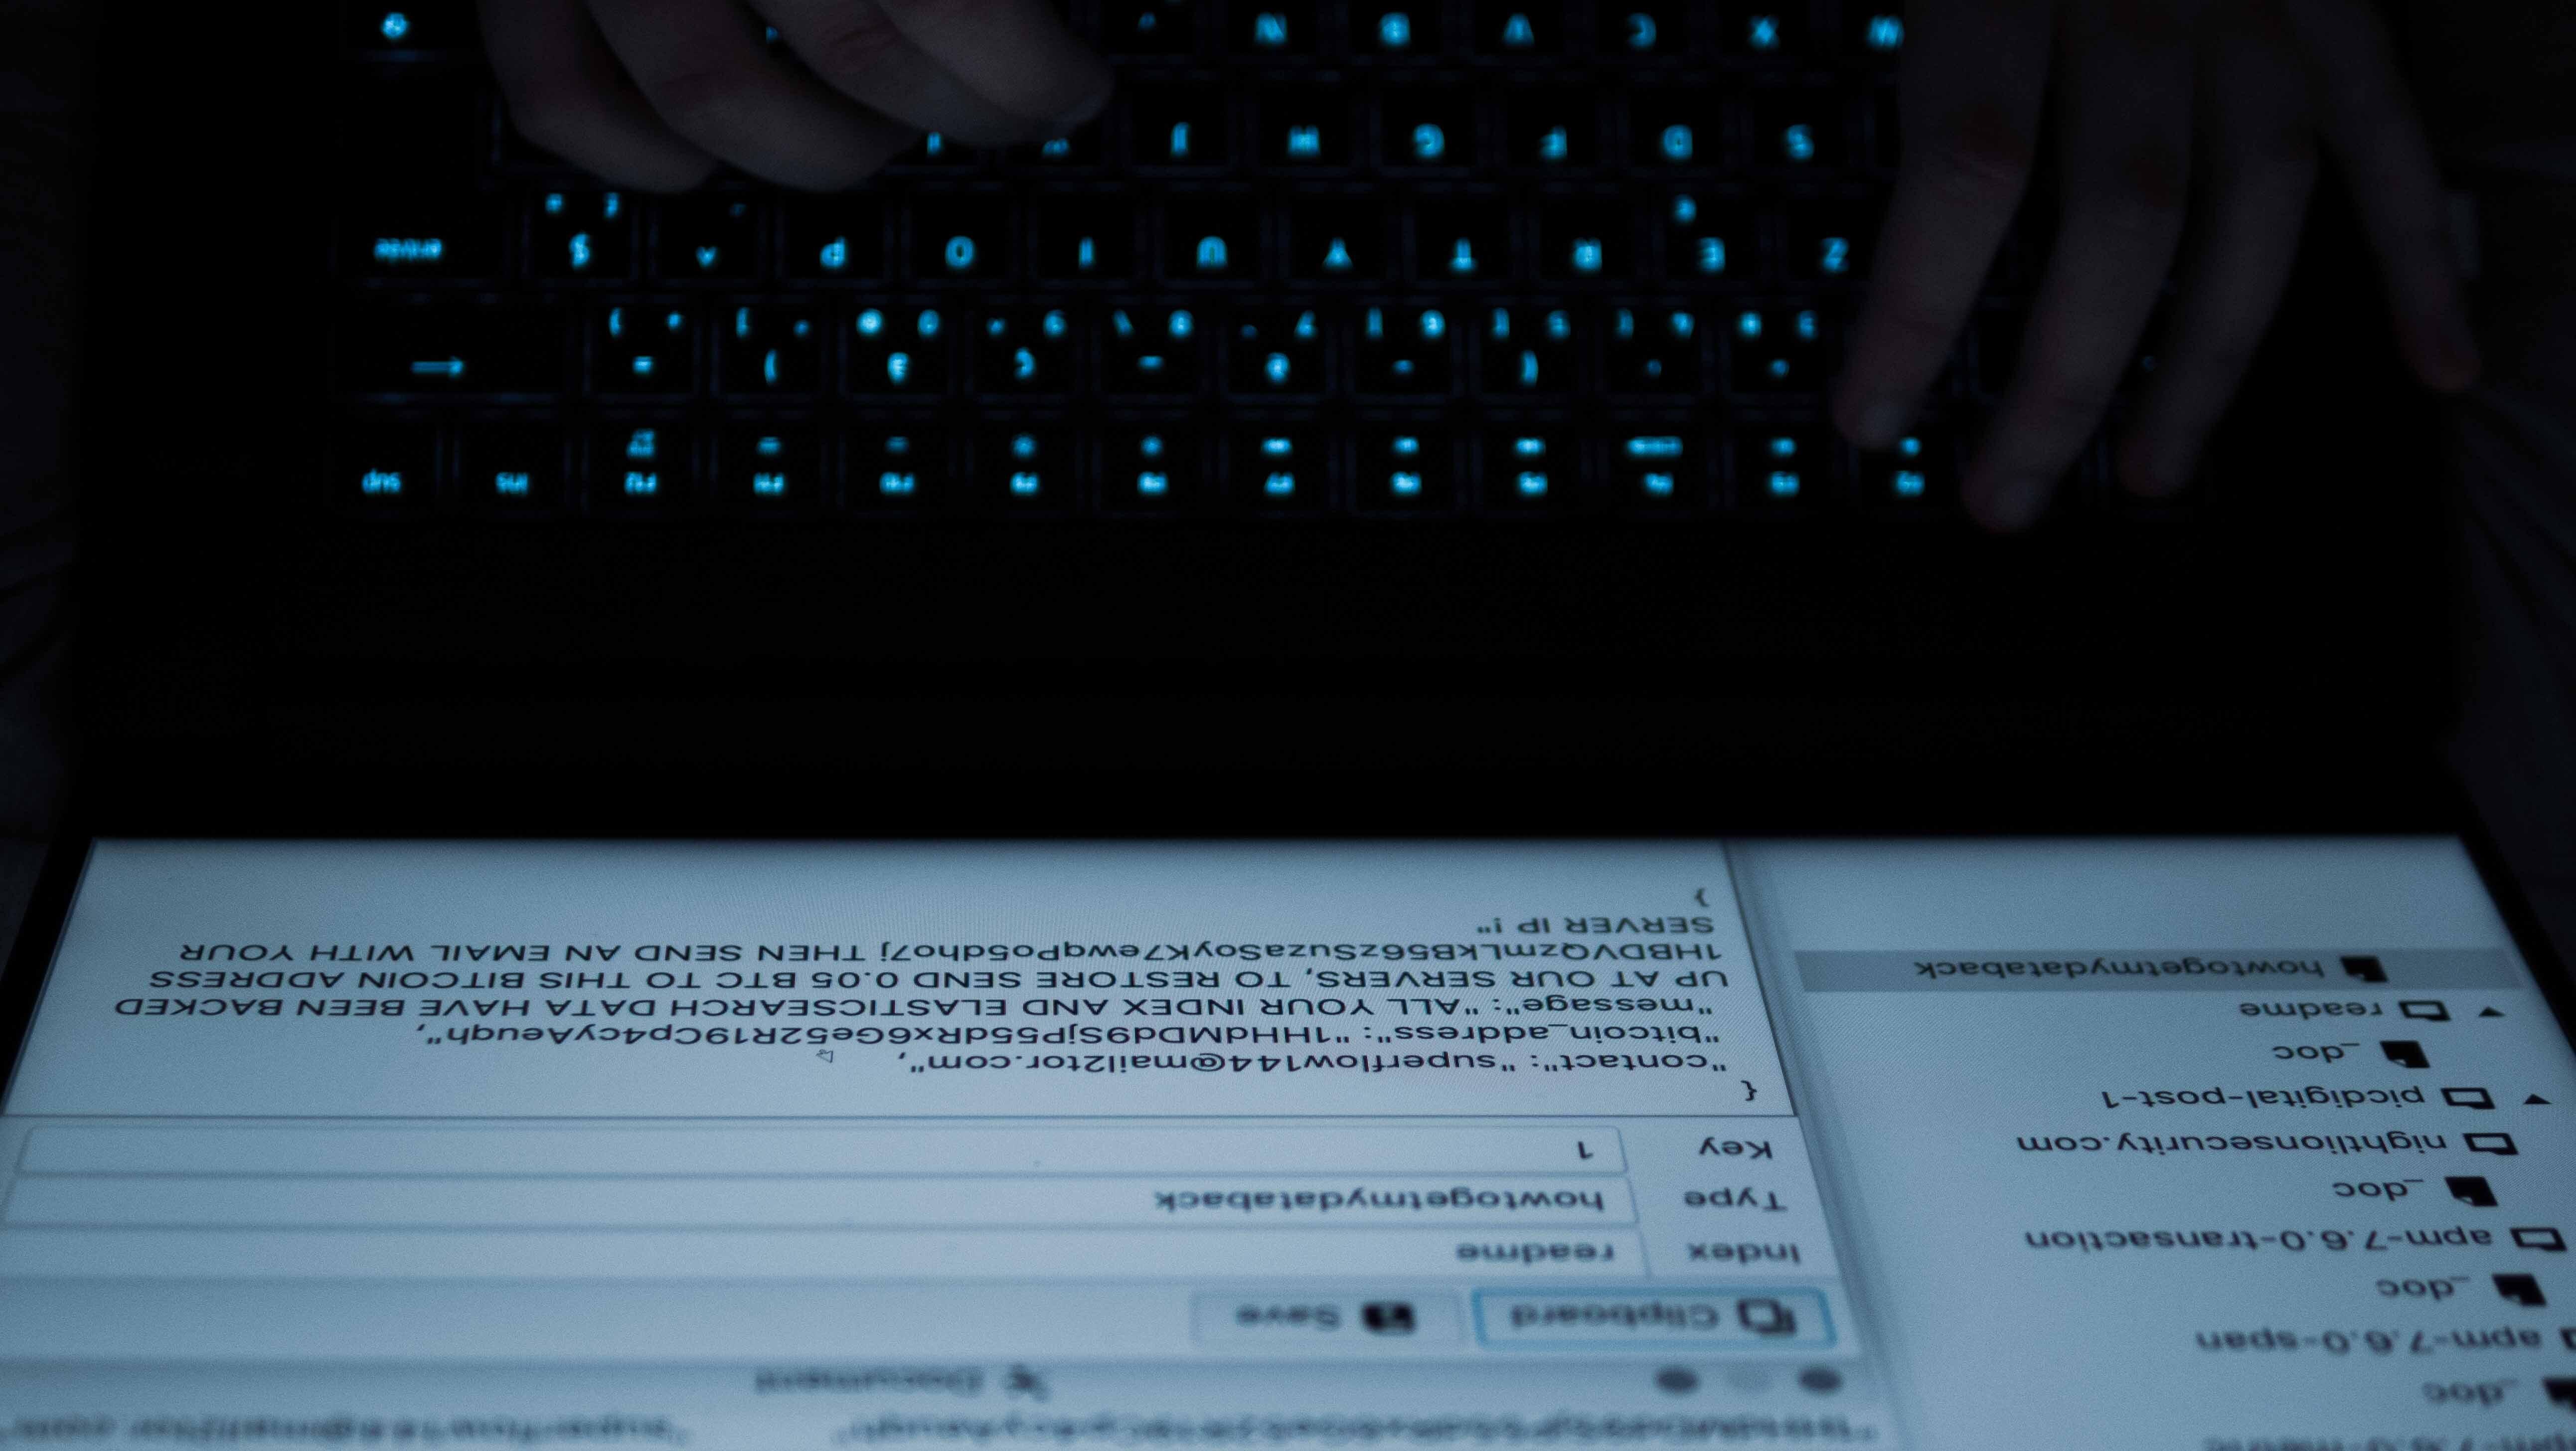 Rançongiciel (ransomware): comment font les hackers, comment vous protéger